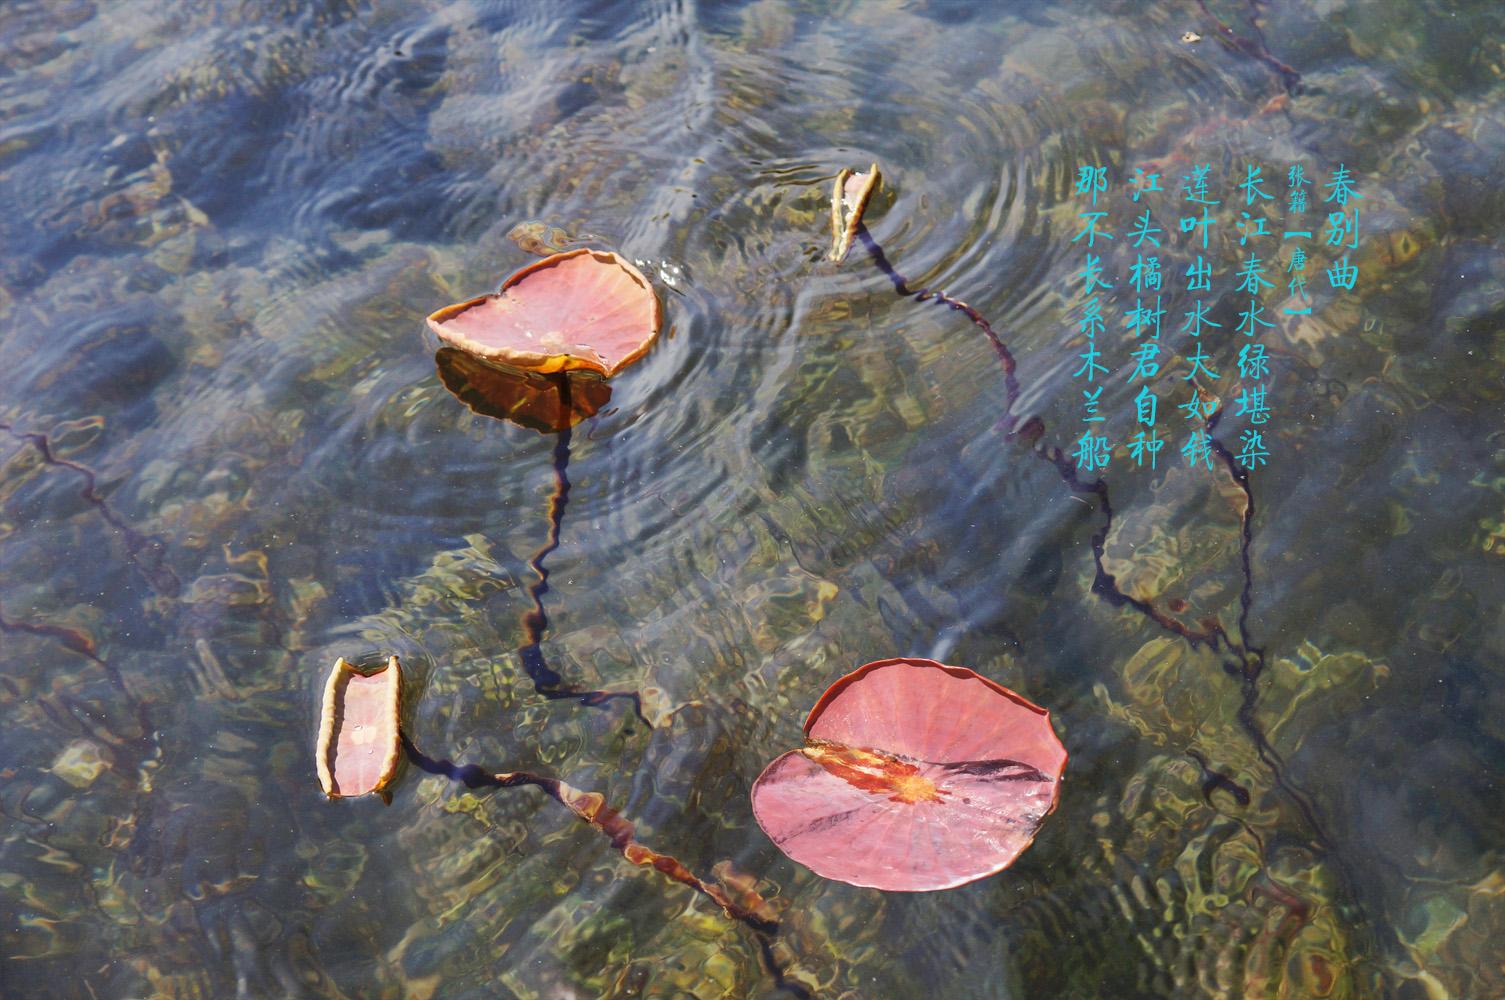 心色彩作品:莲叶出水大如钱